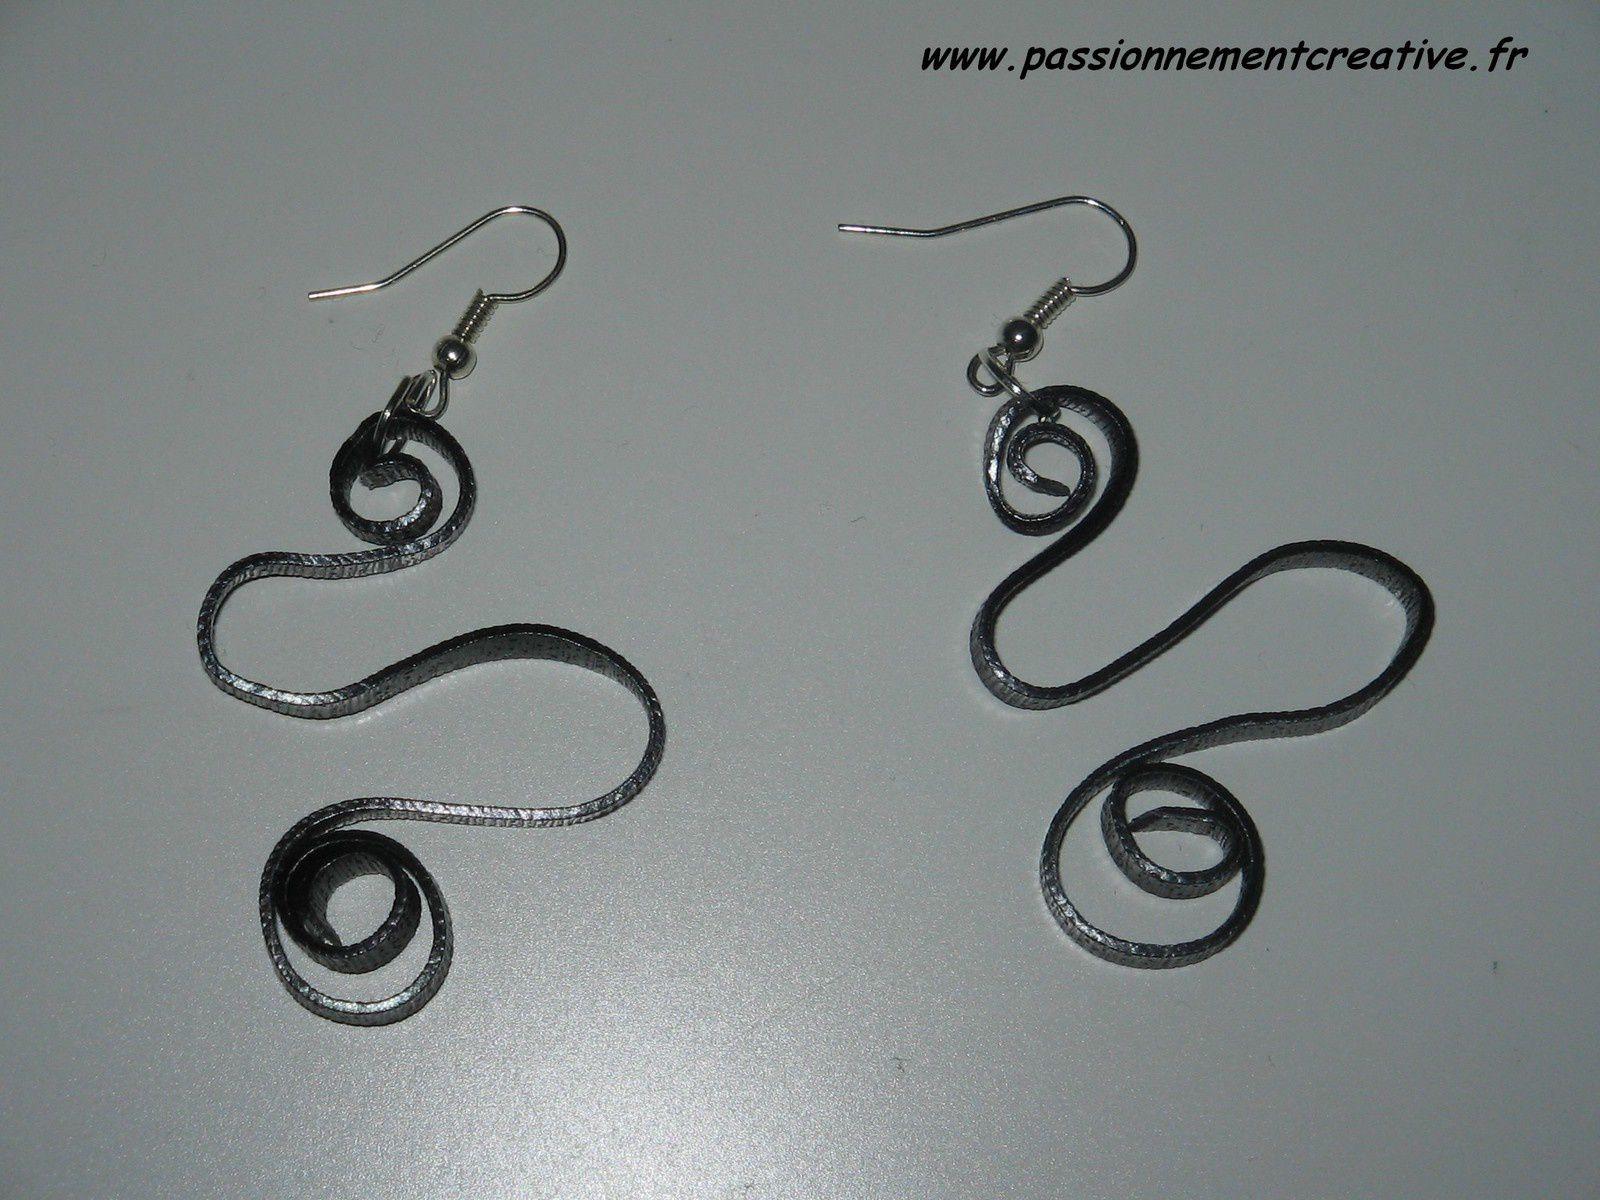 Boucles d'oreilles Spirale en fil alu plat noir